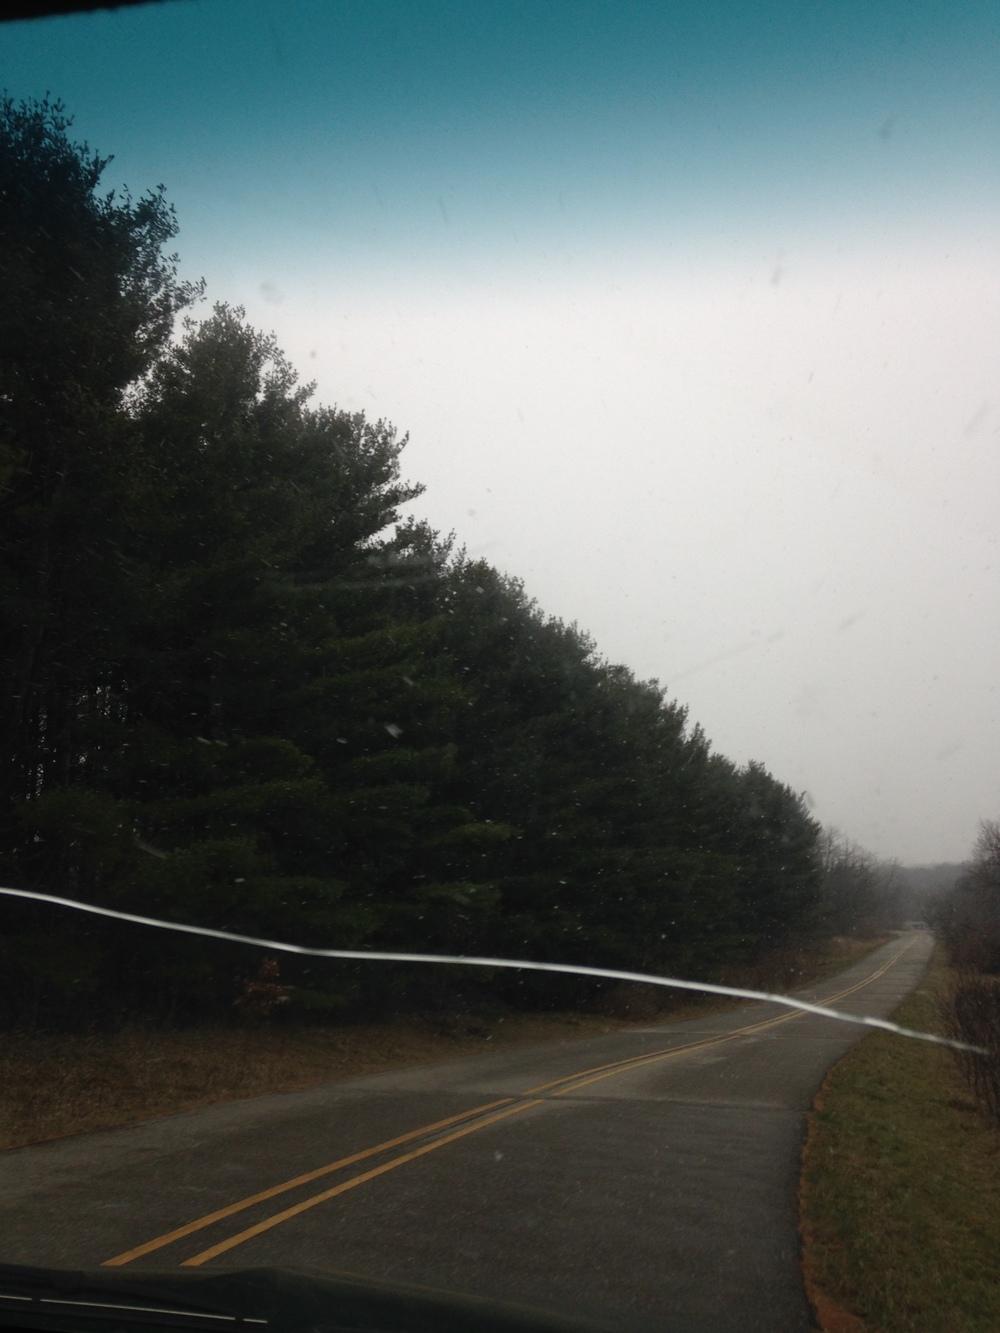 Trees-Snowing.jpg